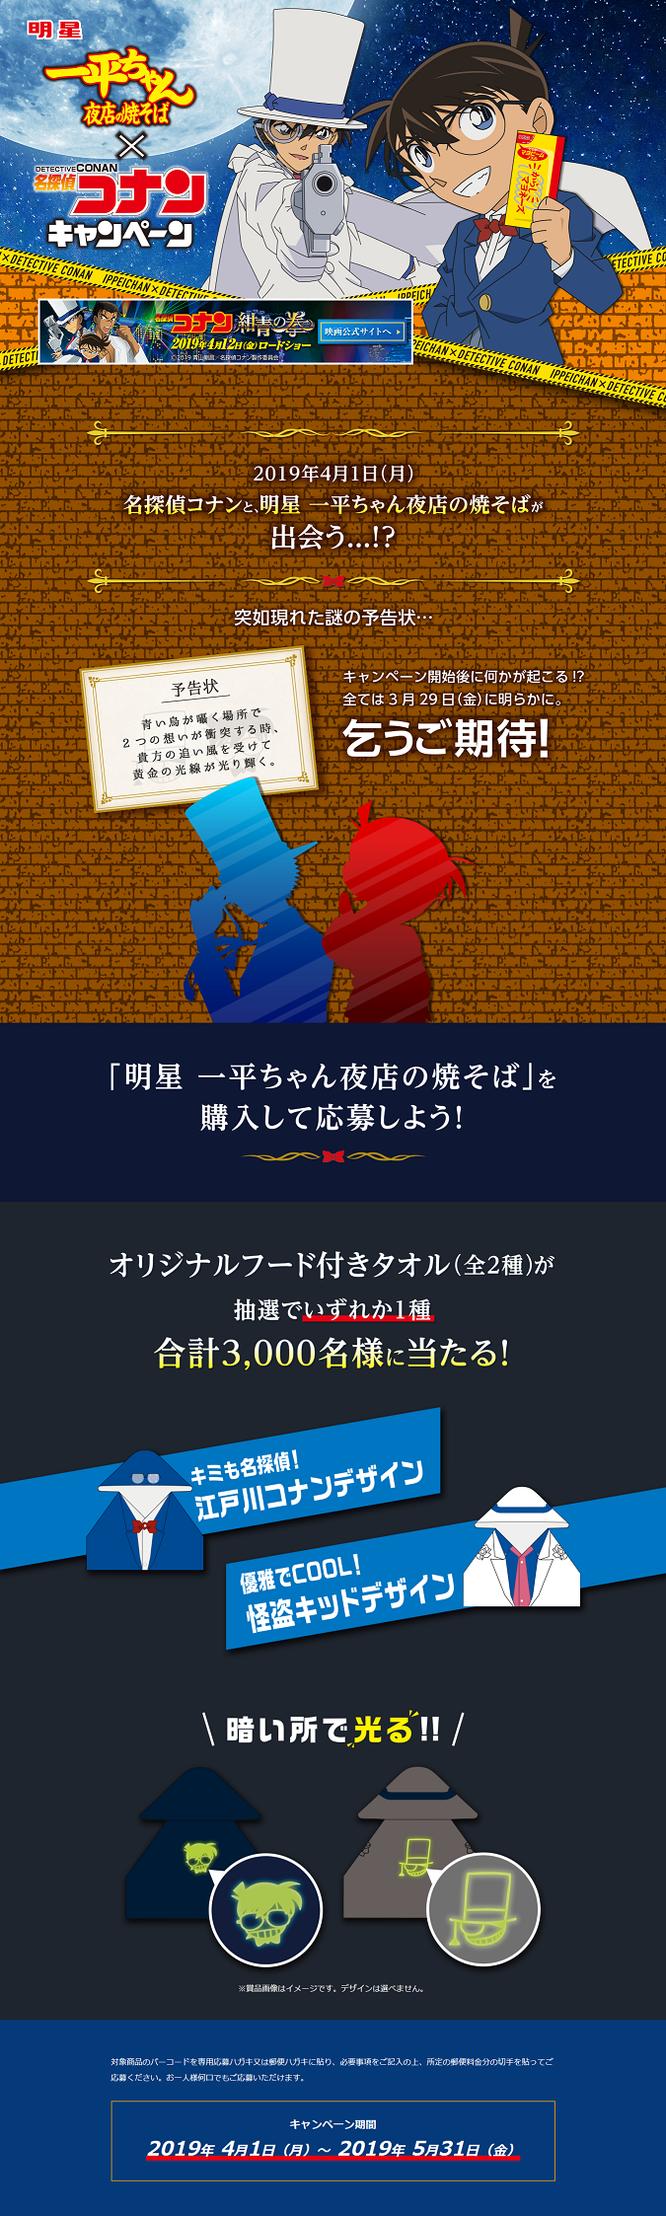 【明星】一平ちゃん夜店の焼そば 名探偵コナンキャンペーン